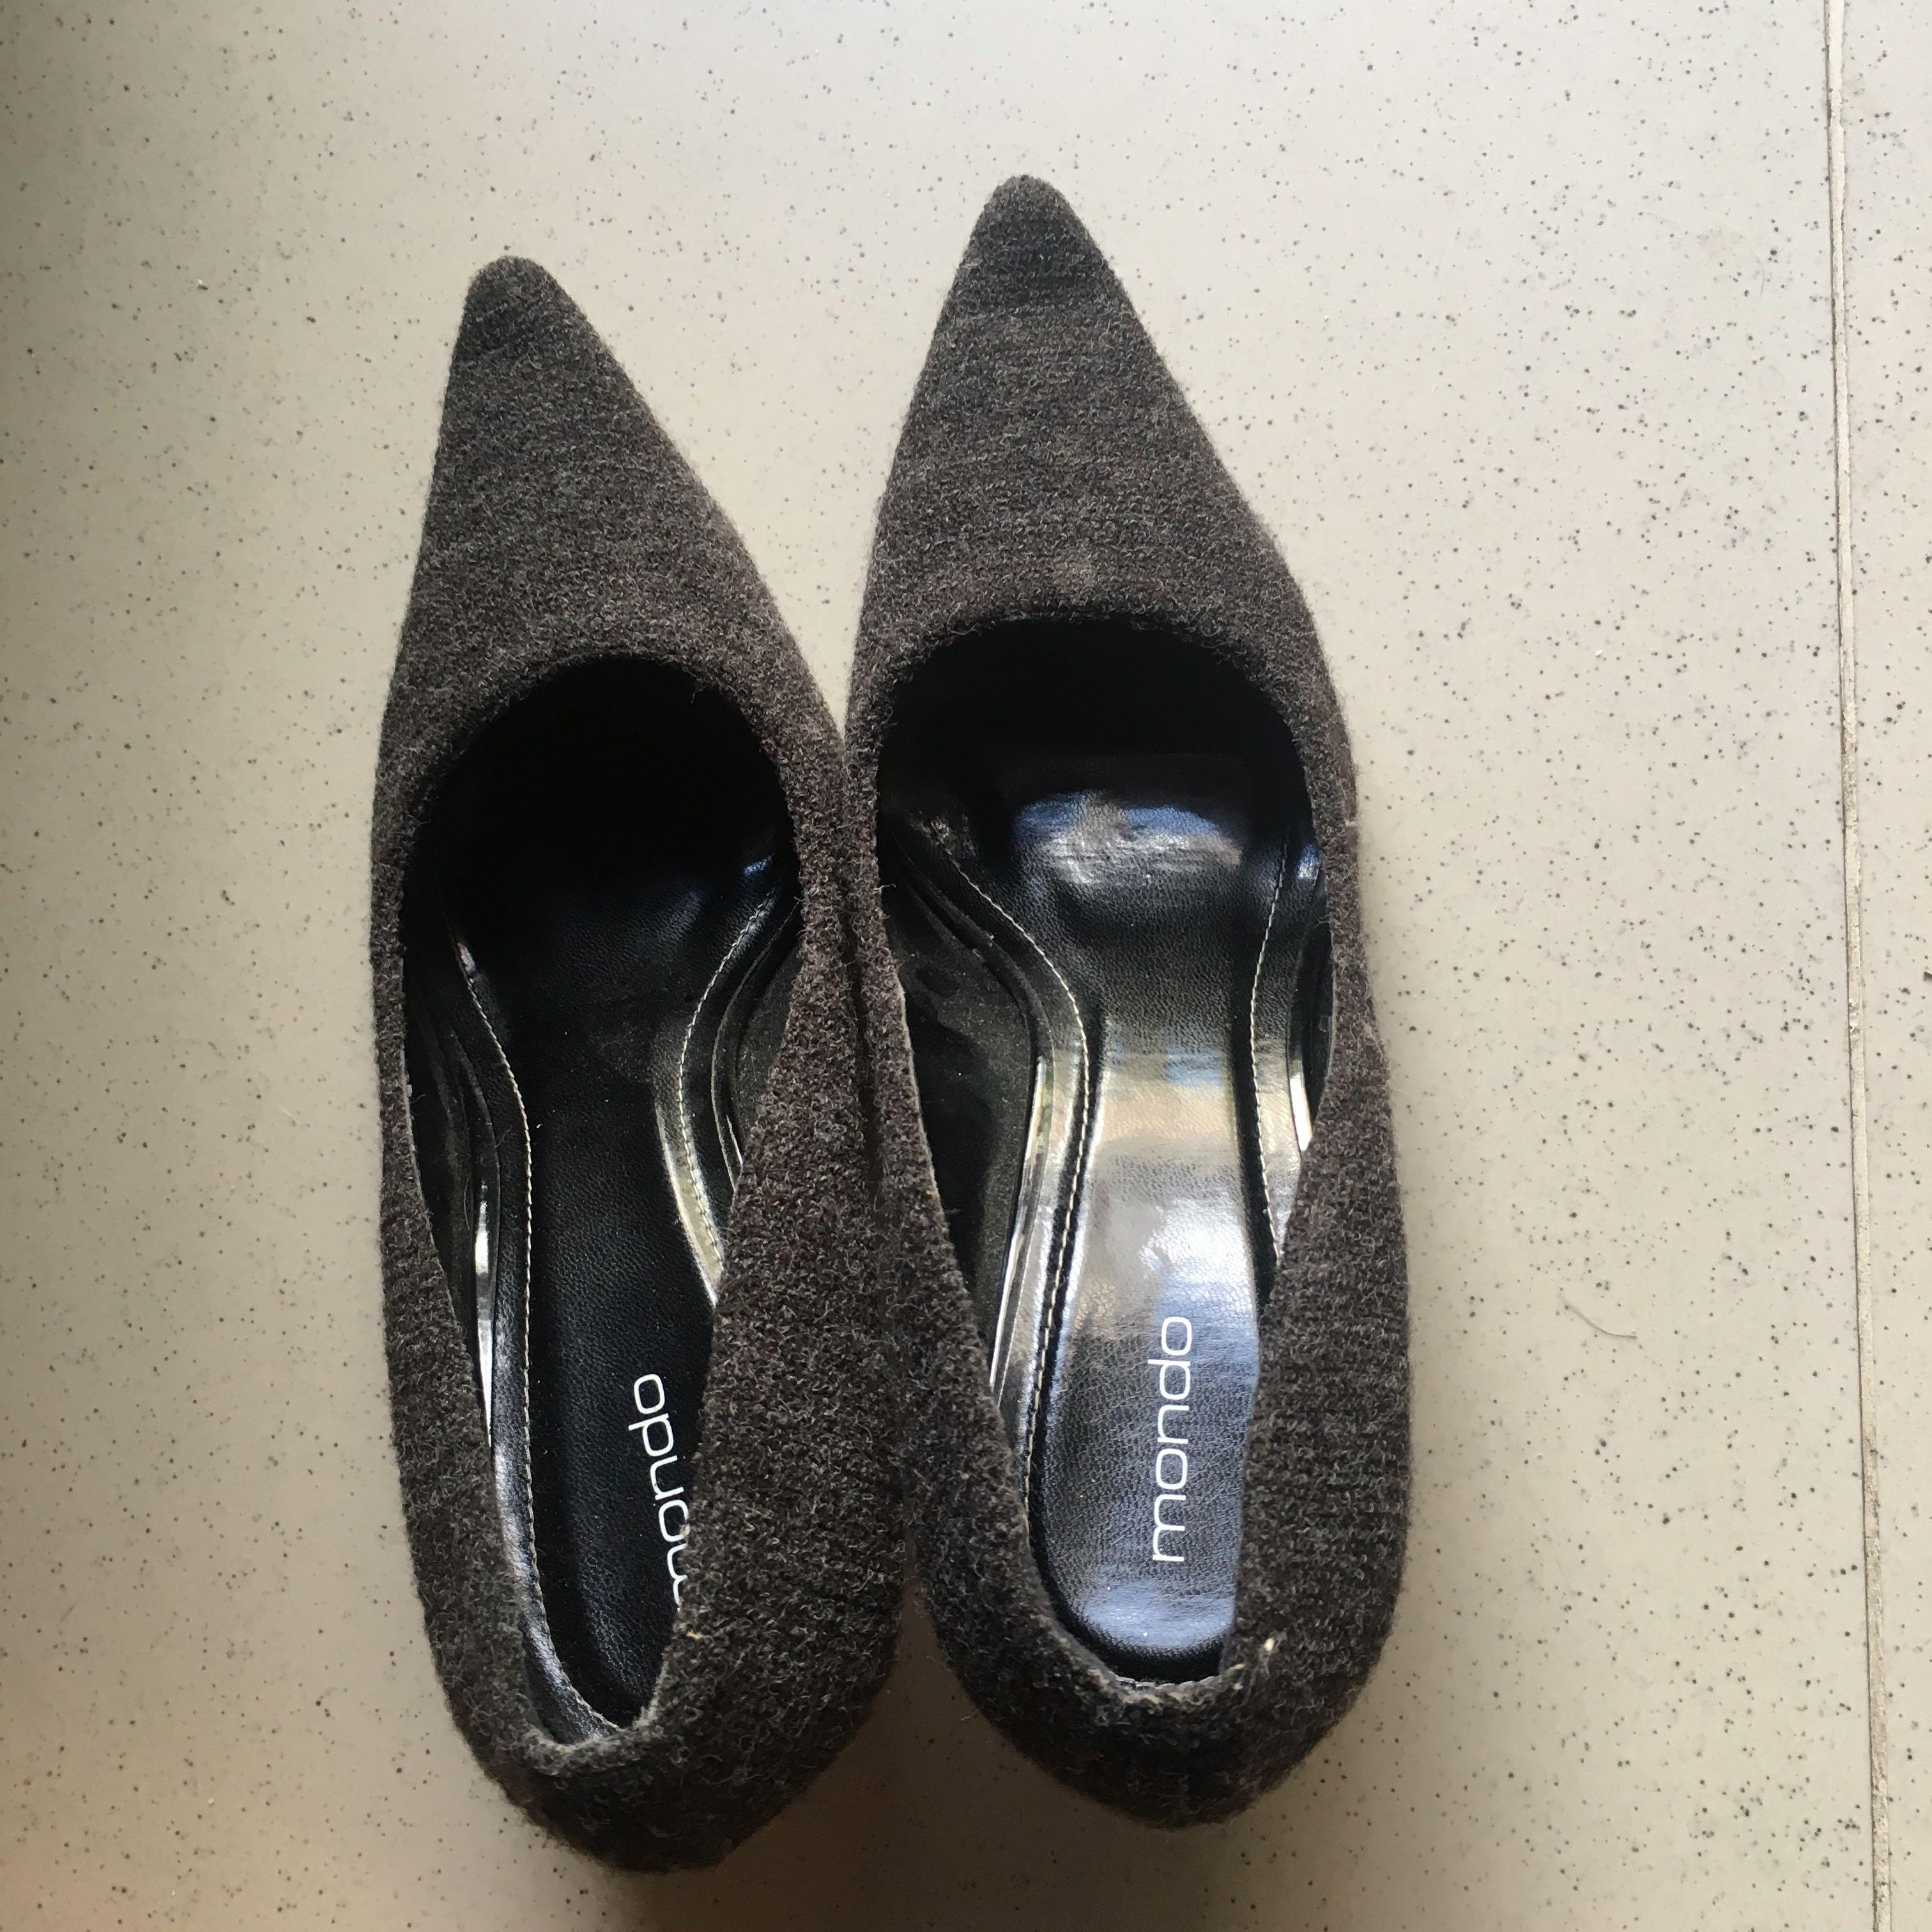 Mondo heels